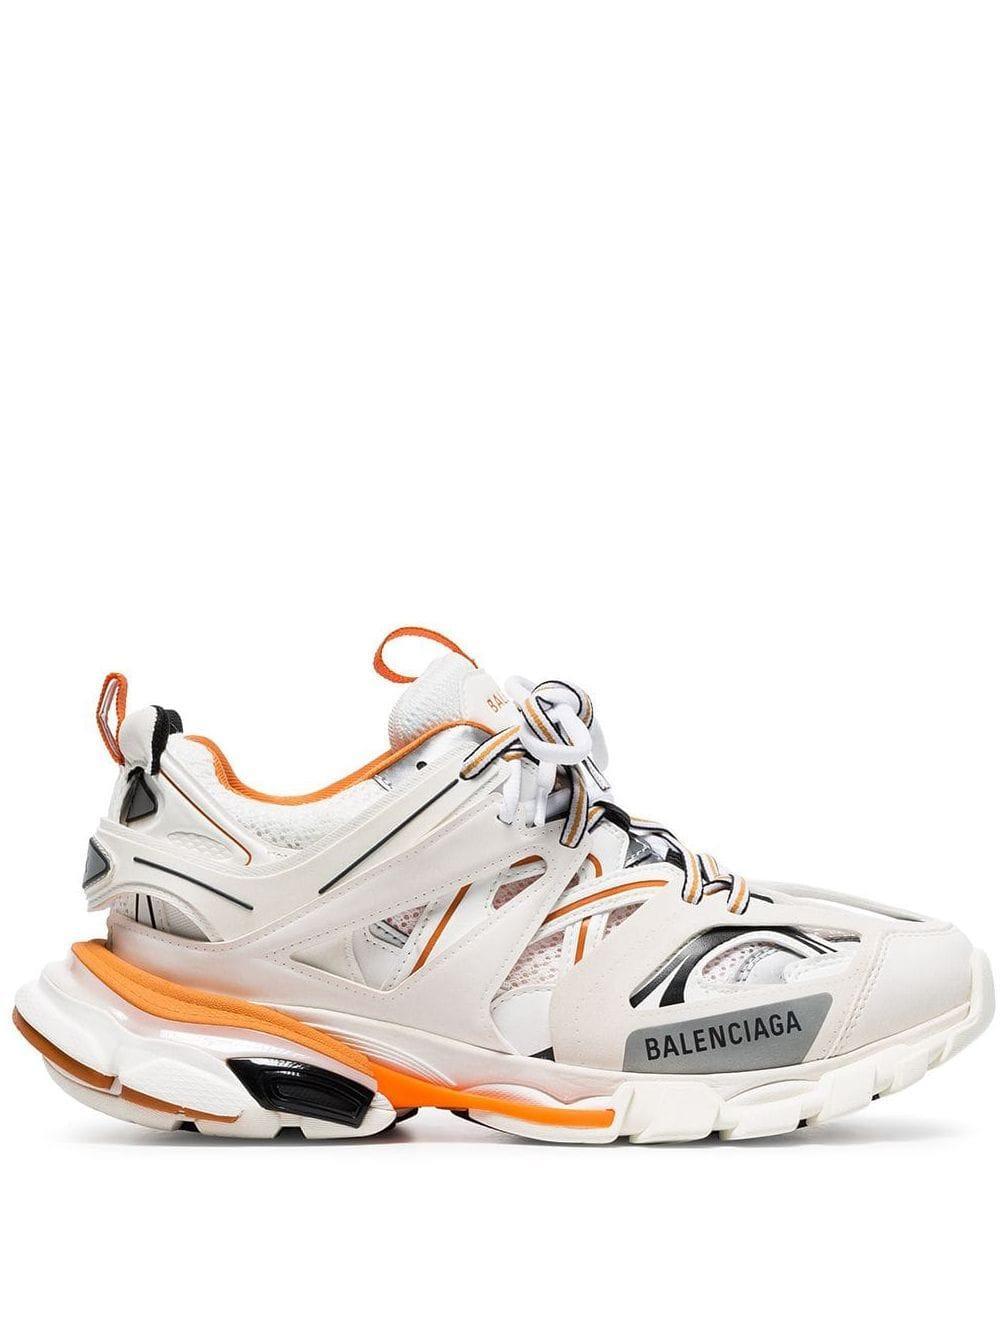 Sneakers Track Balenciaga de Caucho de color Blanco: ahorra un 10 %